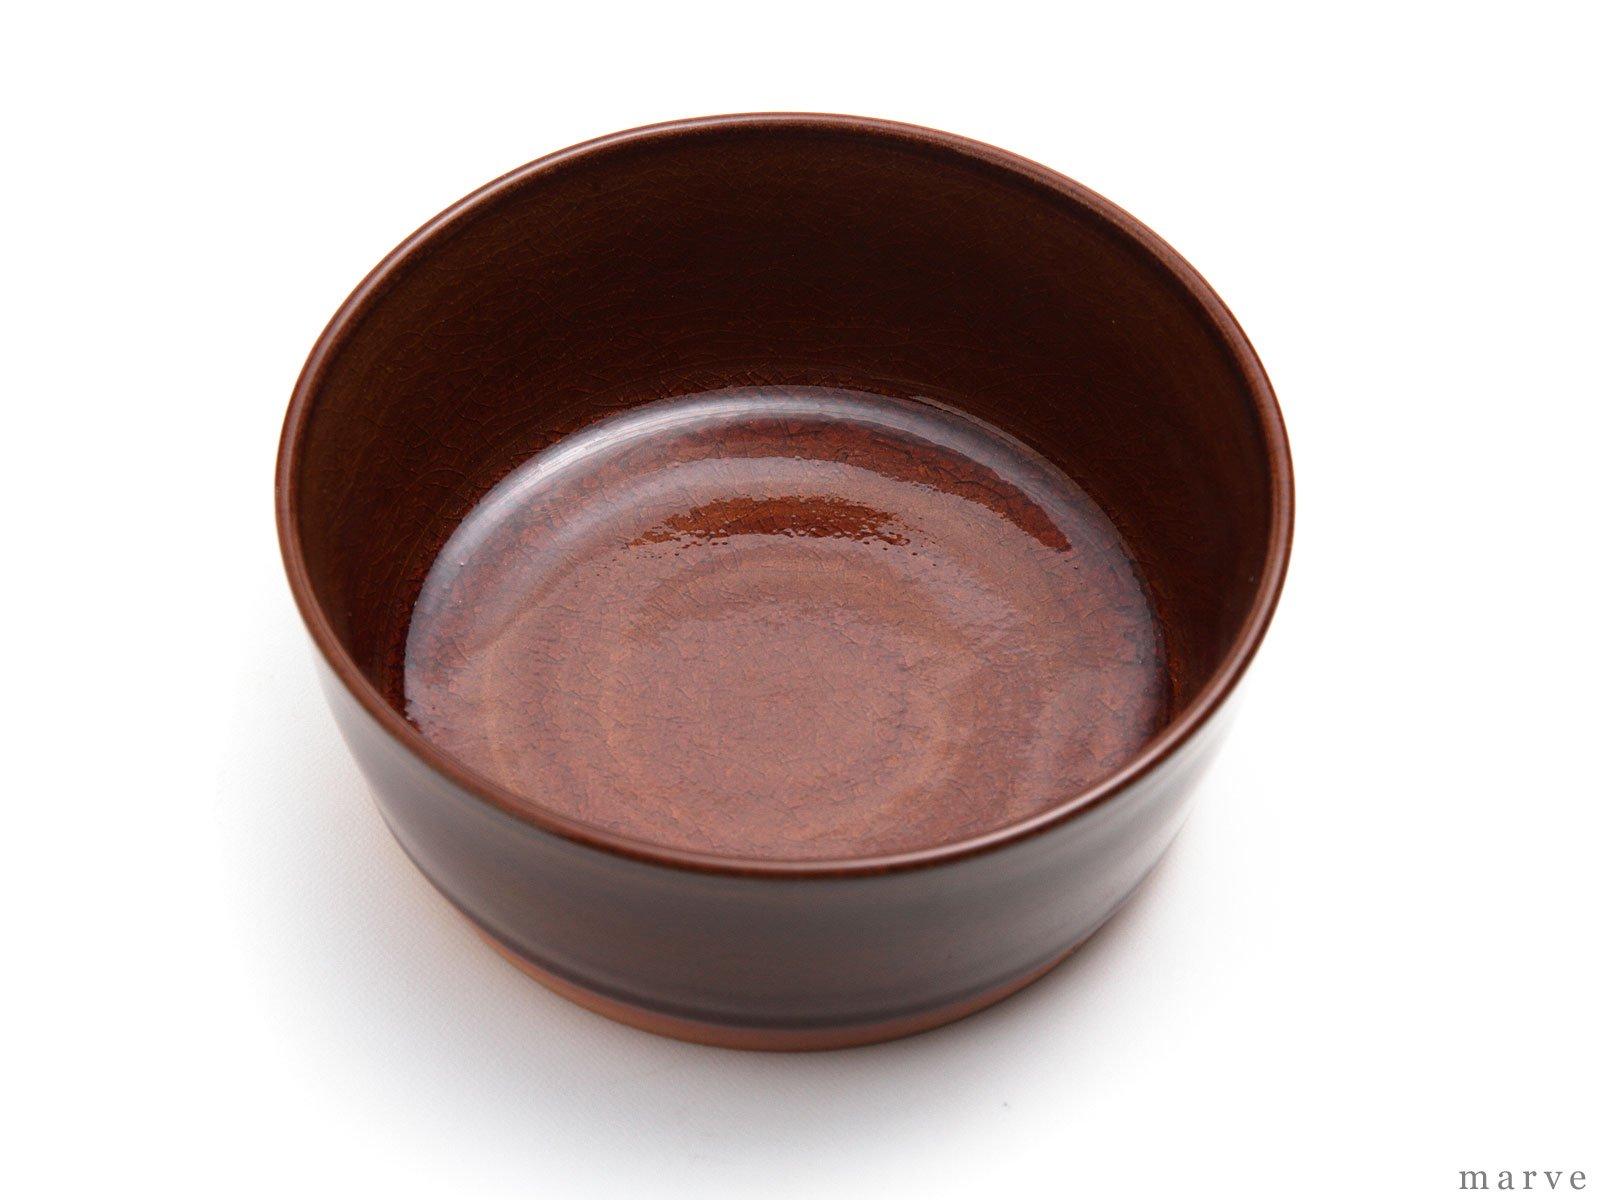 caramel(カラメル) 浅鉢 柴田サヤカ